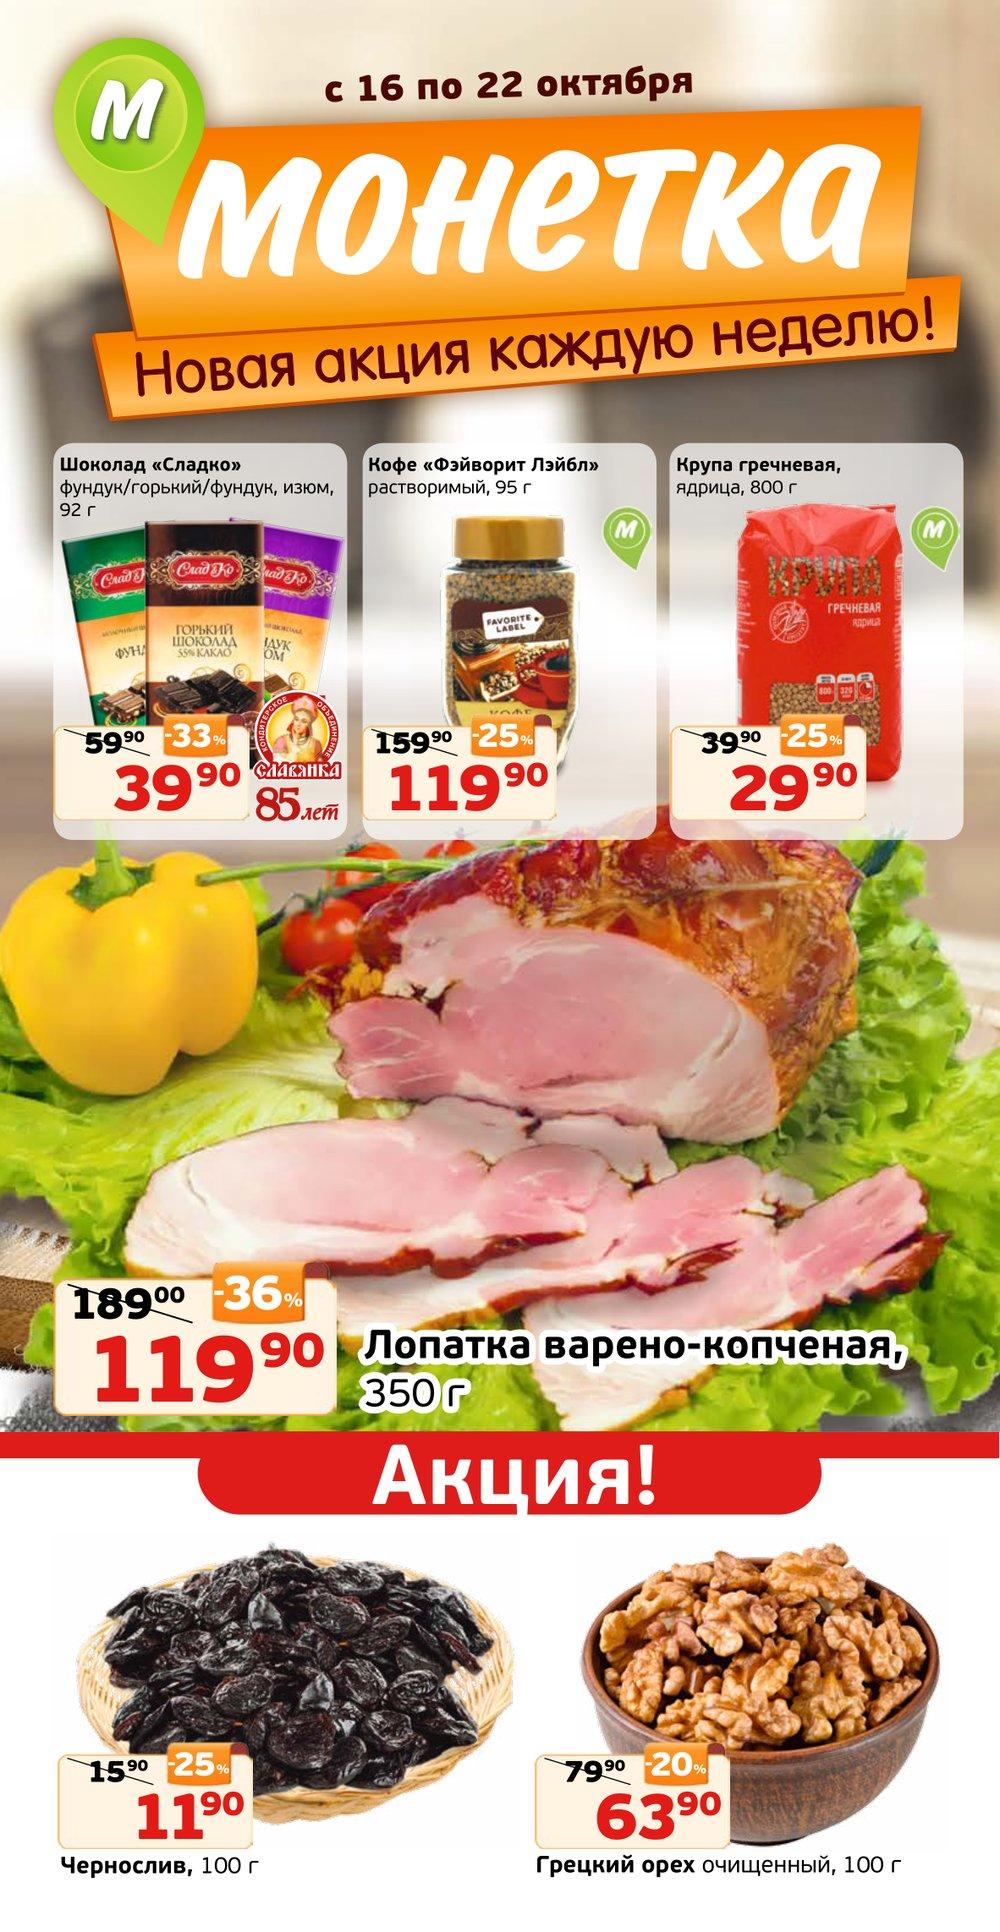 Каталог акций Монетка с 16 по 22 октября 2017 - стр. 1